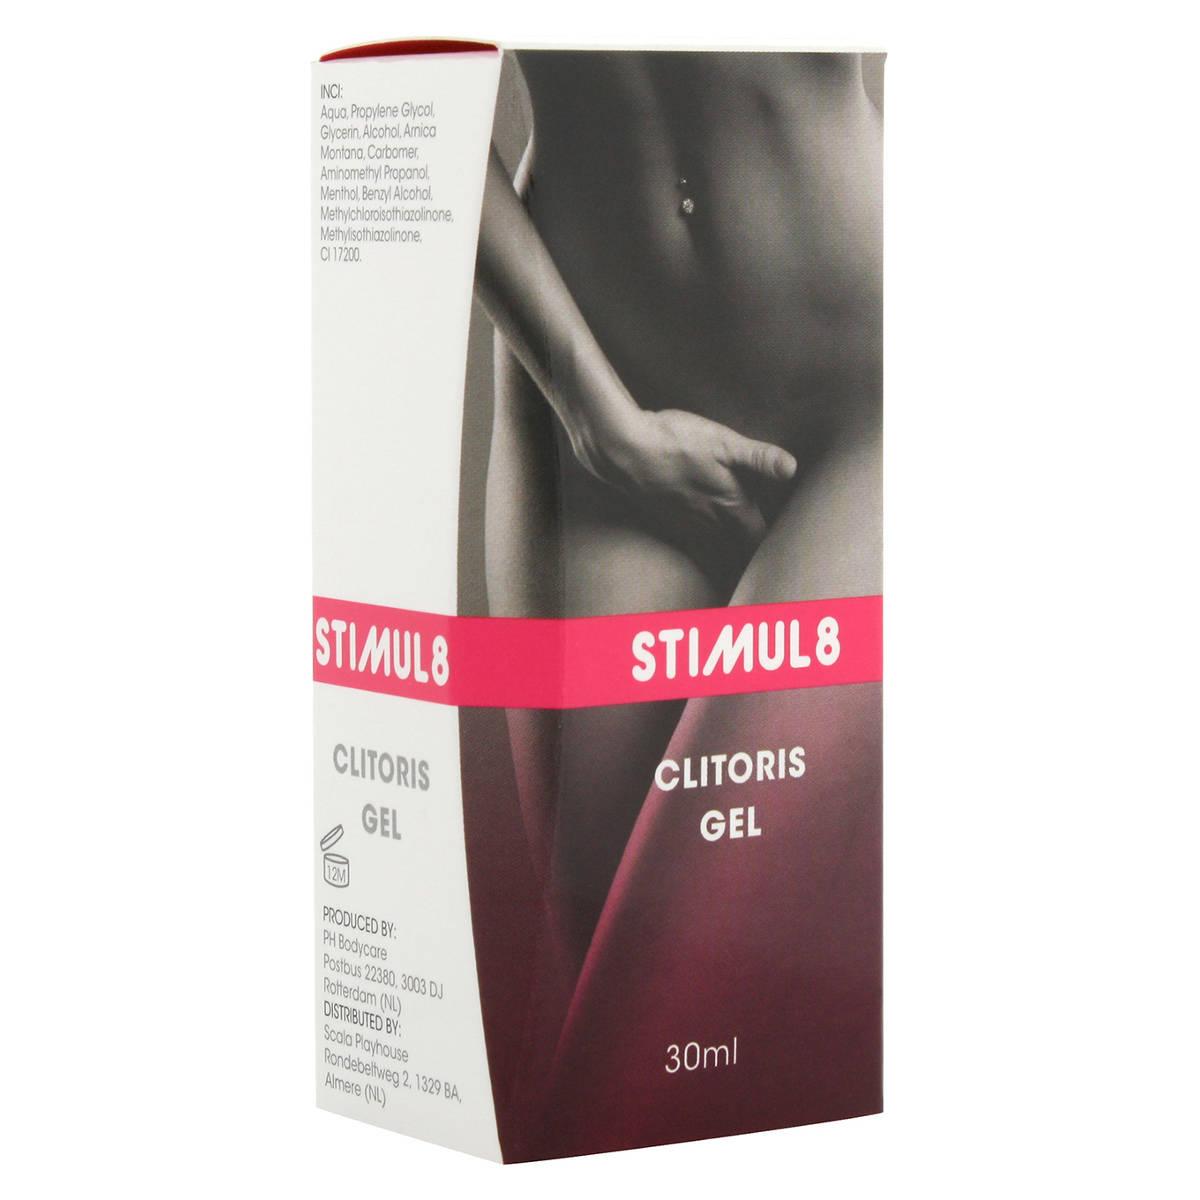 klitoriksen nuoleminen seksiasut miehille